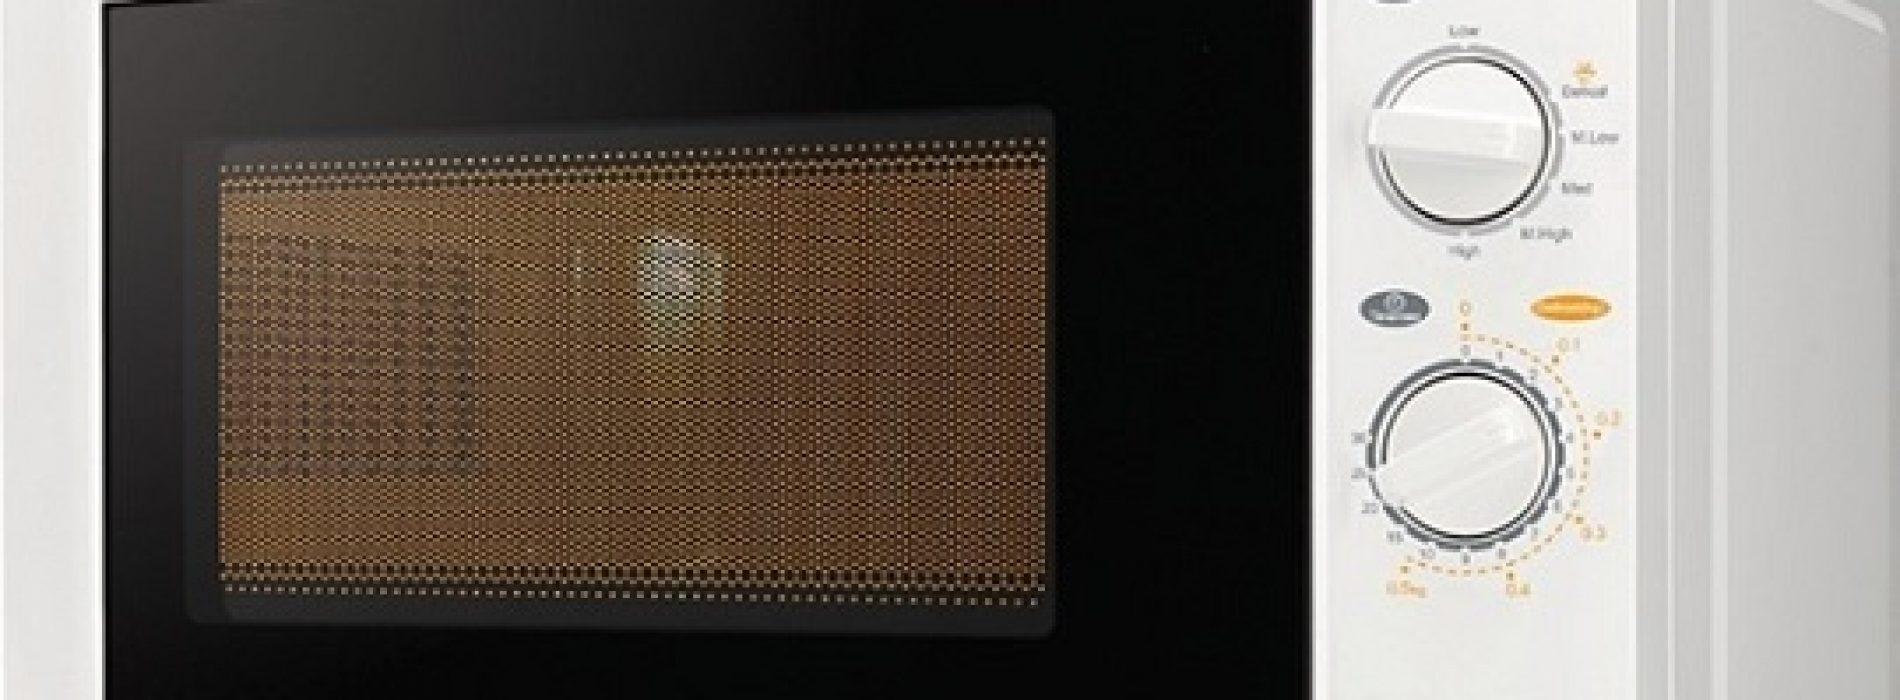 Billig mikrobølgeovn med de viktigste funksjoner – Matsui M17MW16E